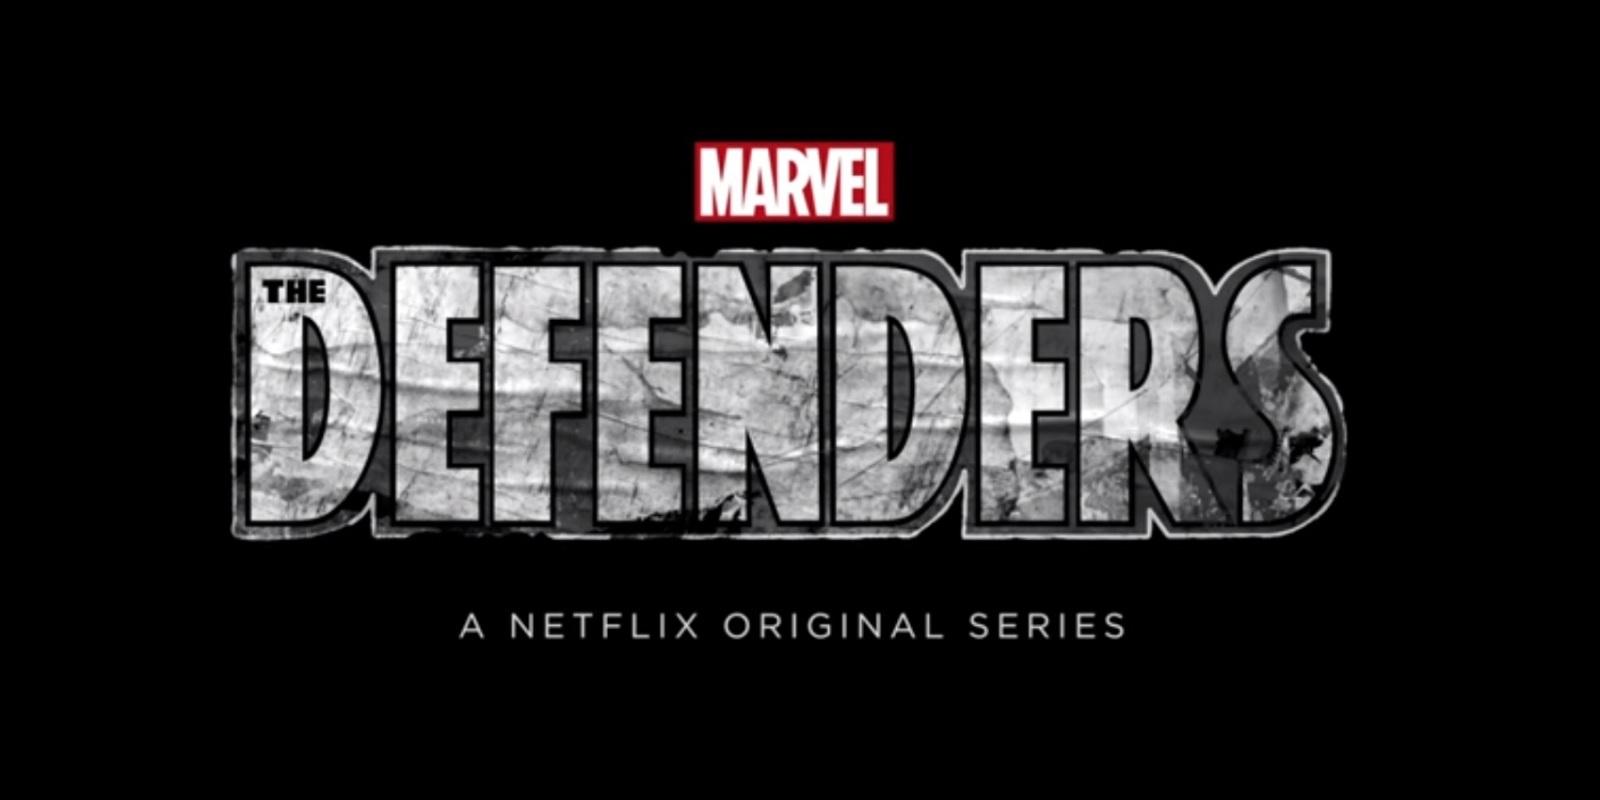 Netflix e Marvel insieme per una miniserie sui Defenders, i quattro supereroi che salveranno New York